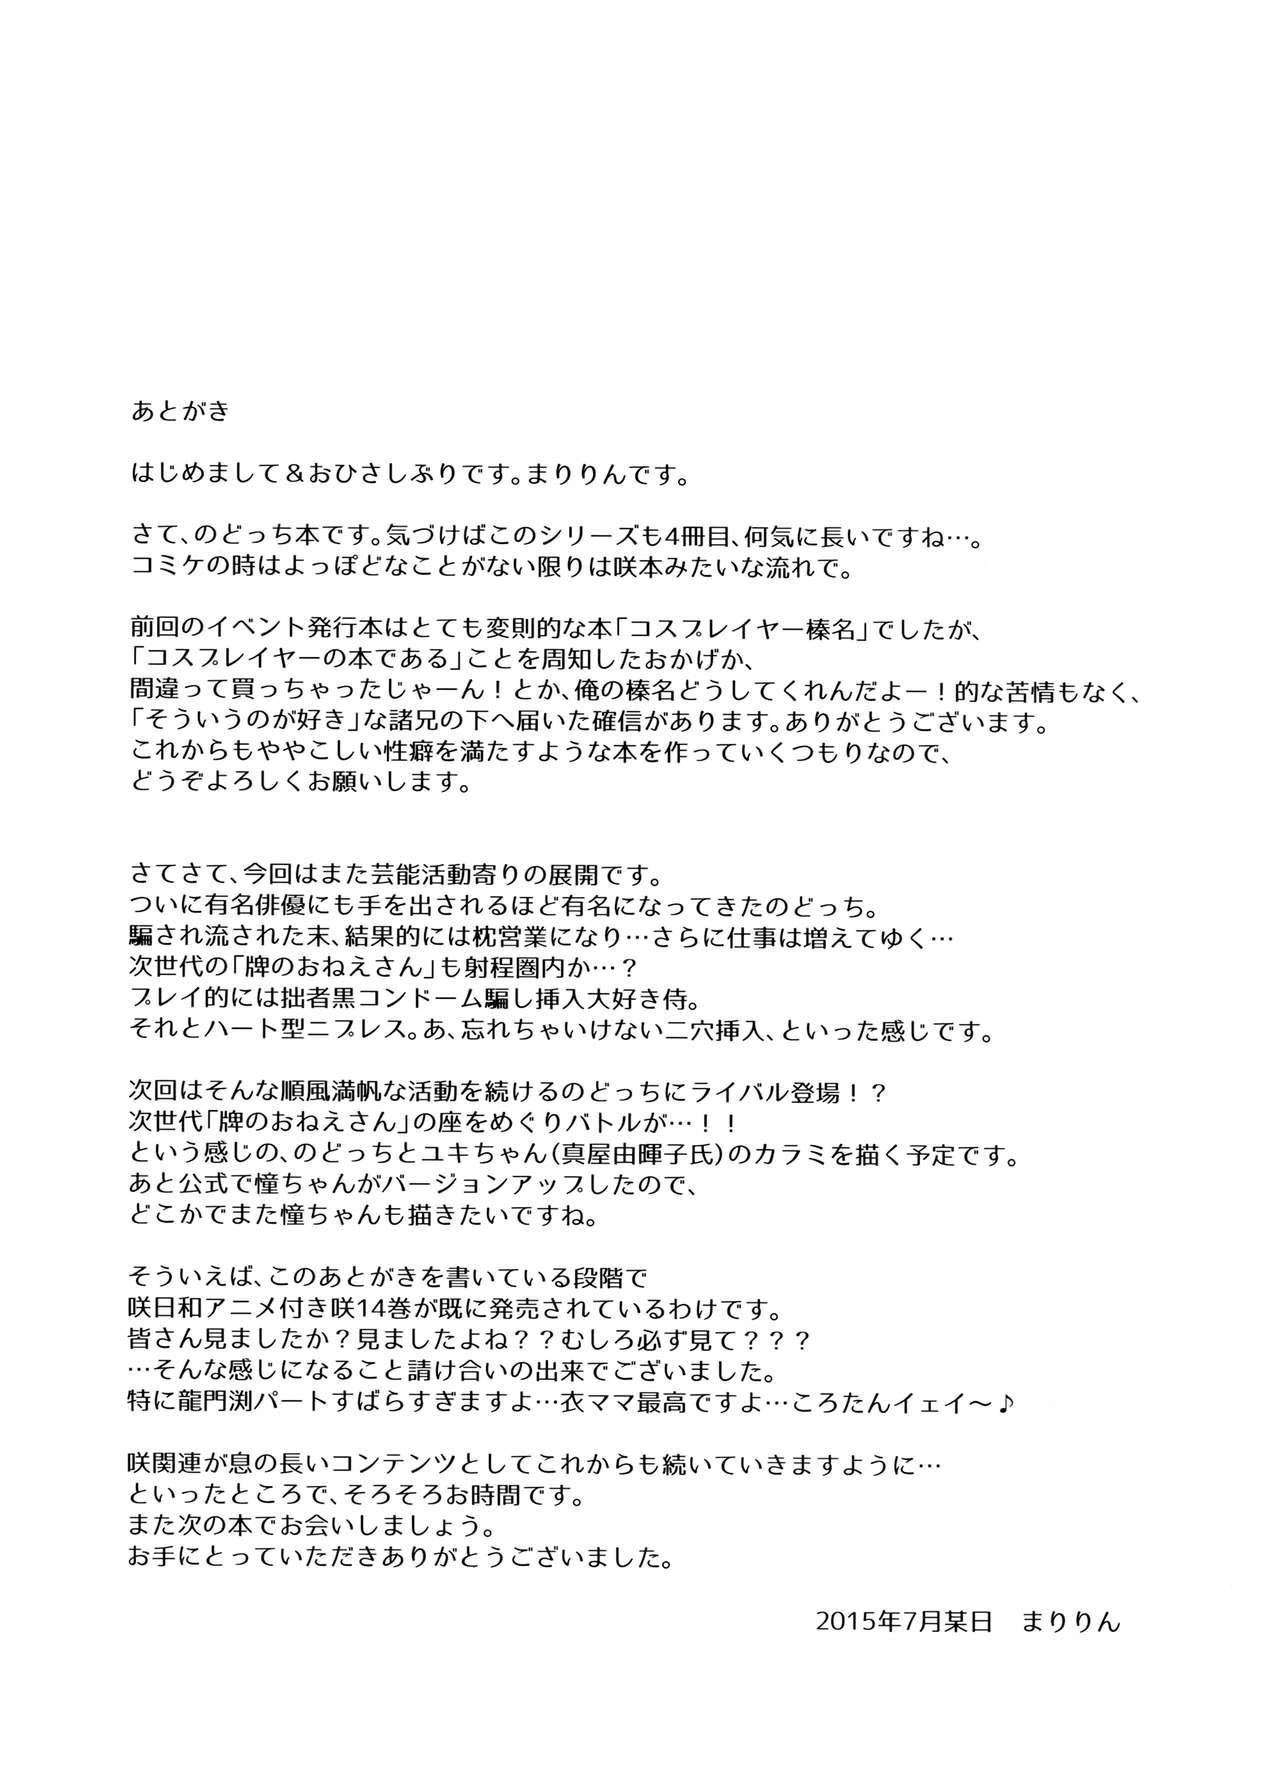 Shinjin Mahjong Idol Nodocchi Sanpaku Yokka Chaku Ero Onsen Makura Eigyou 23